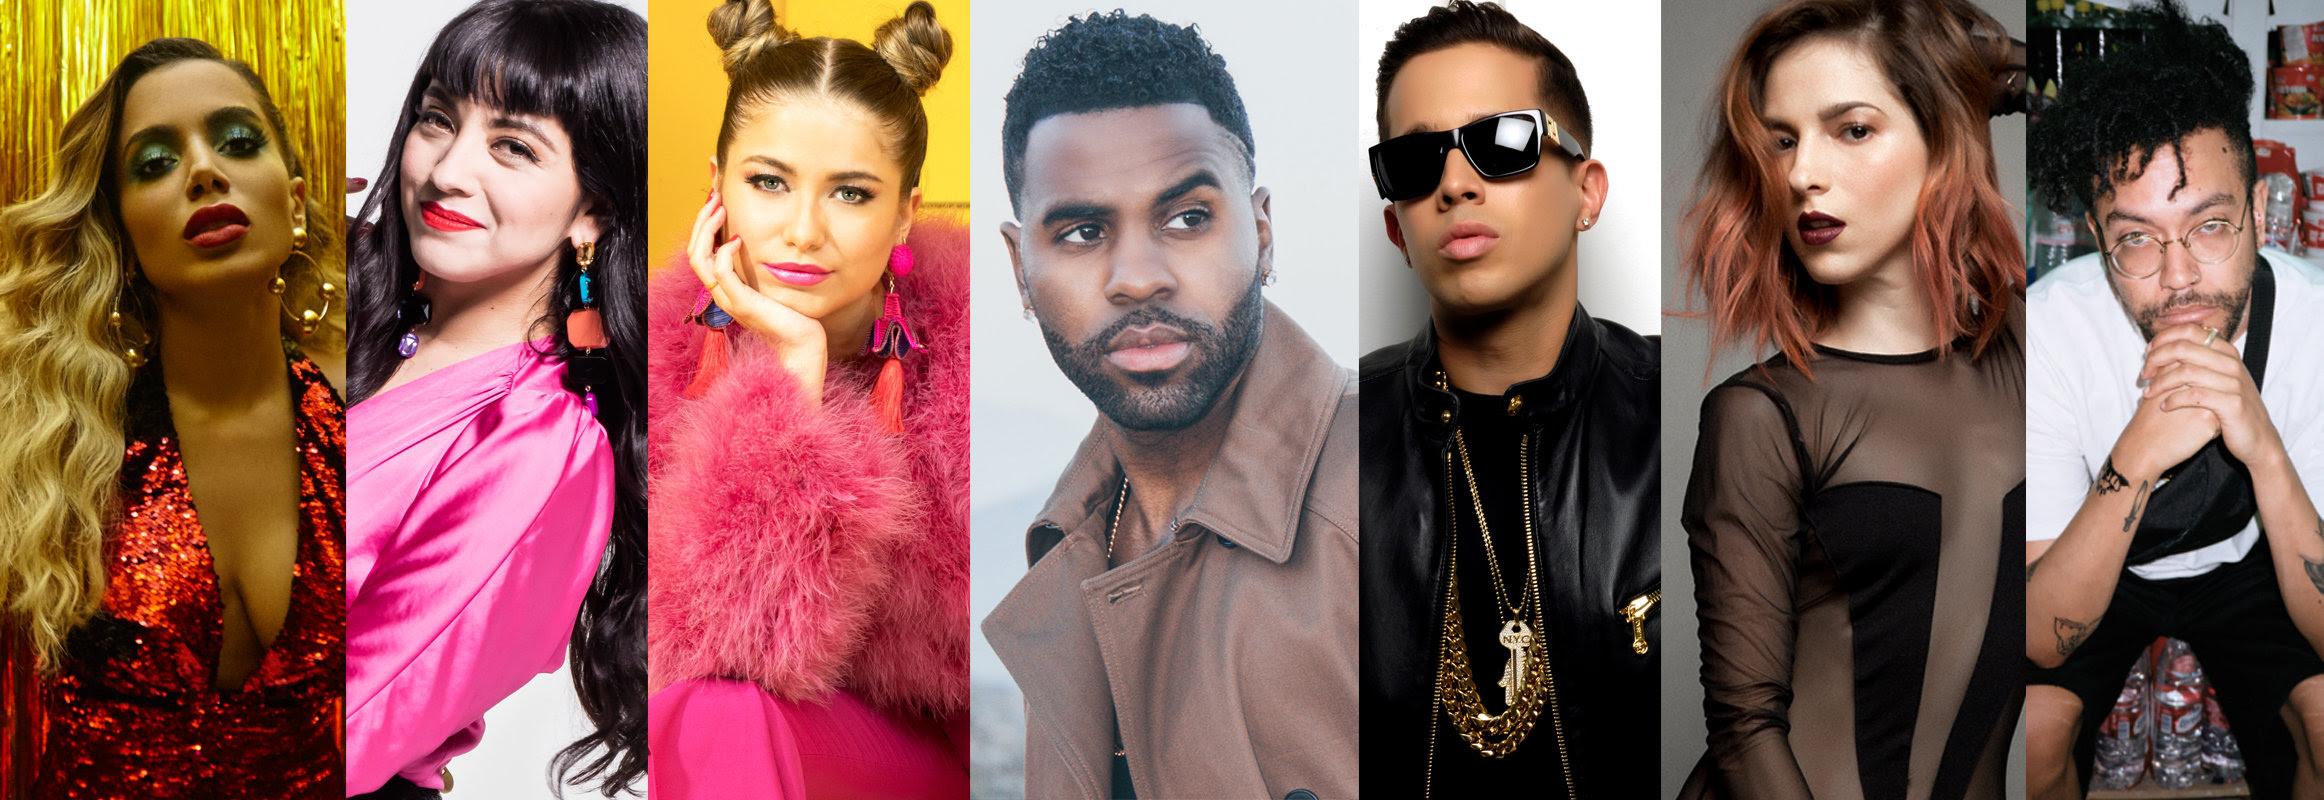 Premios MTV MIAW 2018: presentaciones musicales de Sofía Reyes, Jason Derulo, Anitta y más